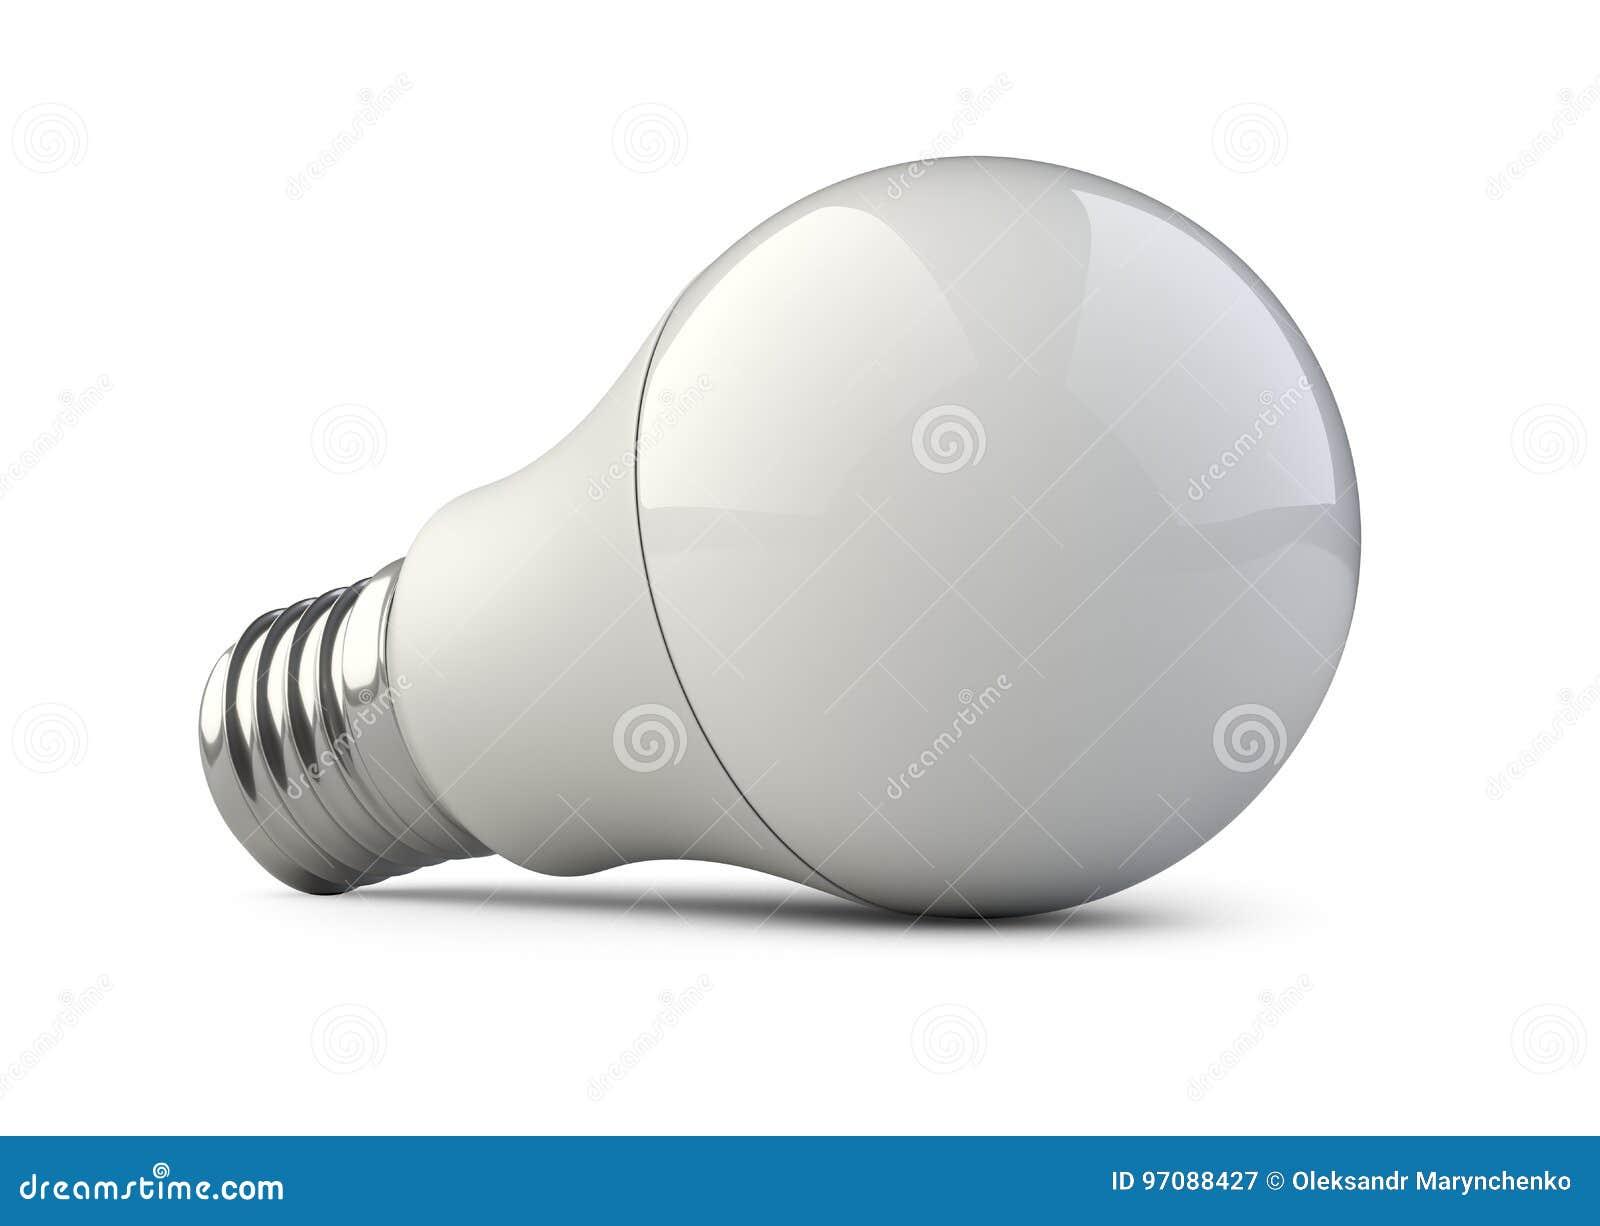 Ampoule Énergétique De Lampe Led Puissance Rendement Du D'économie PuZOXki